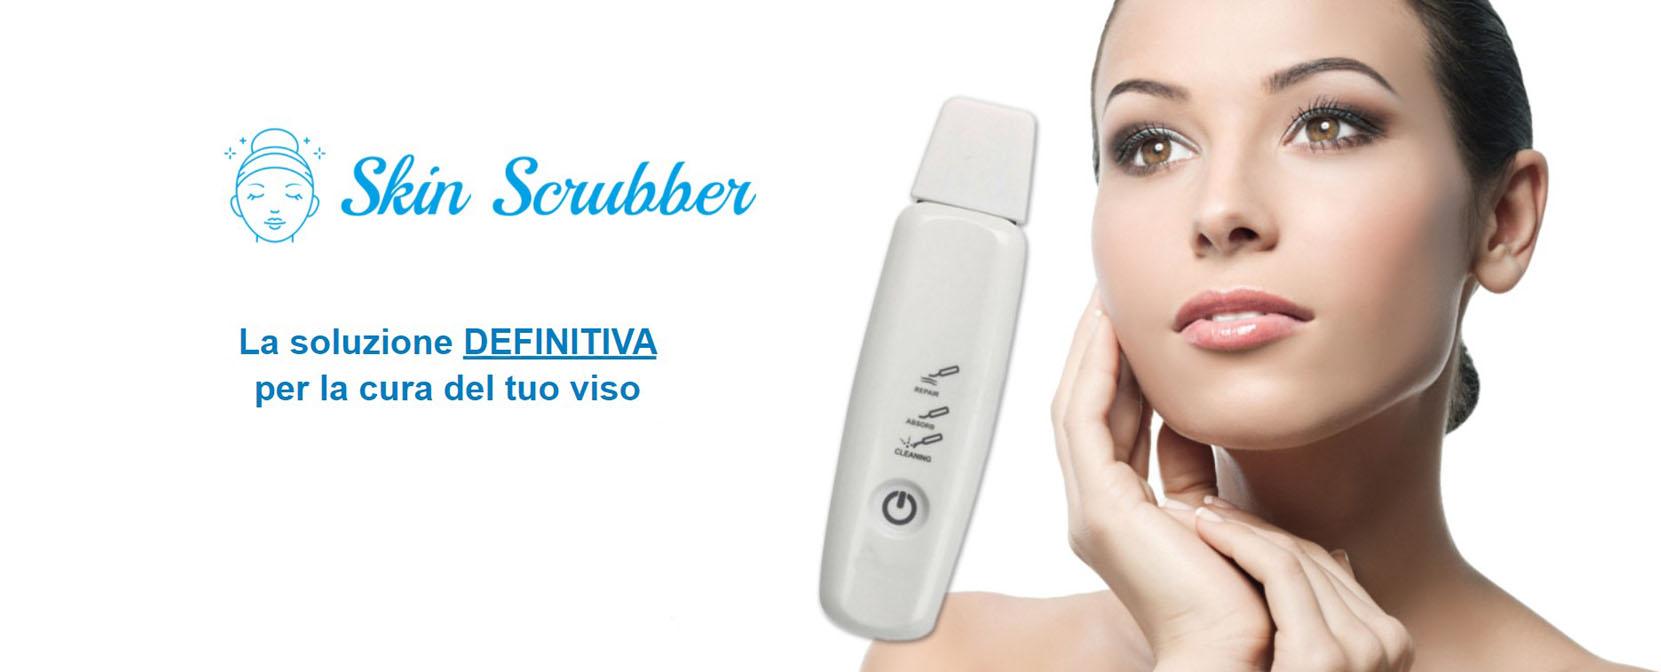 dispositivo pelle viso skin scrubber